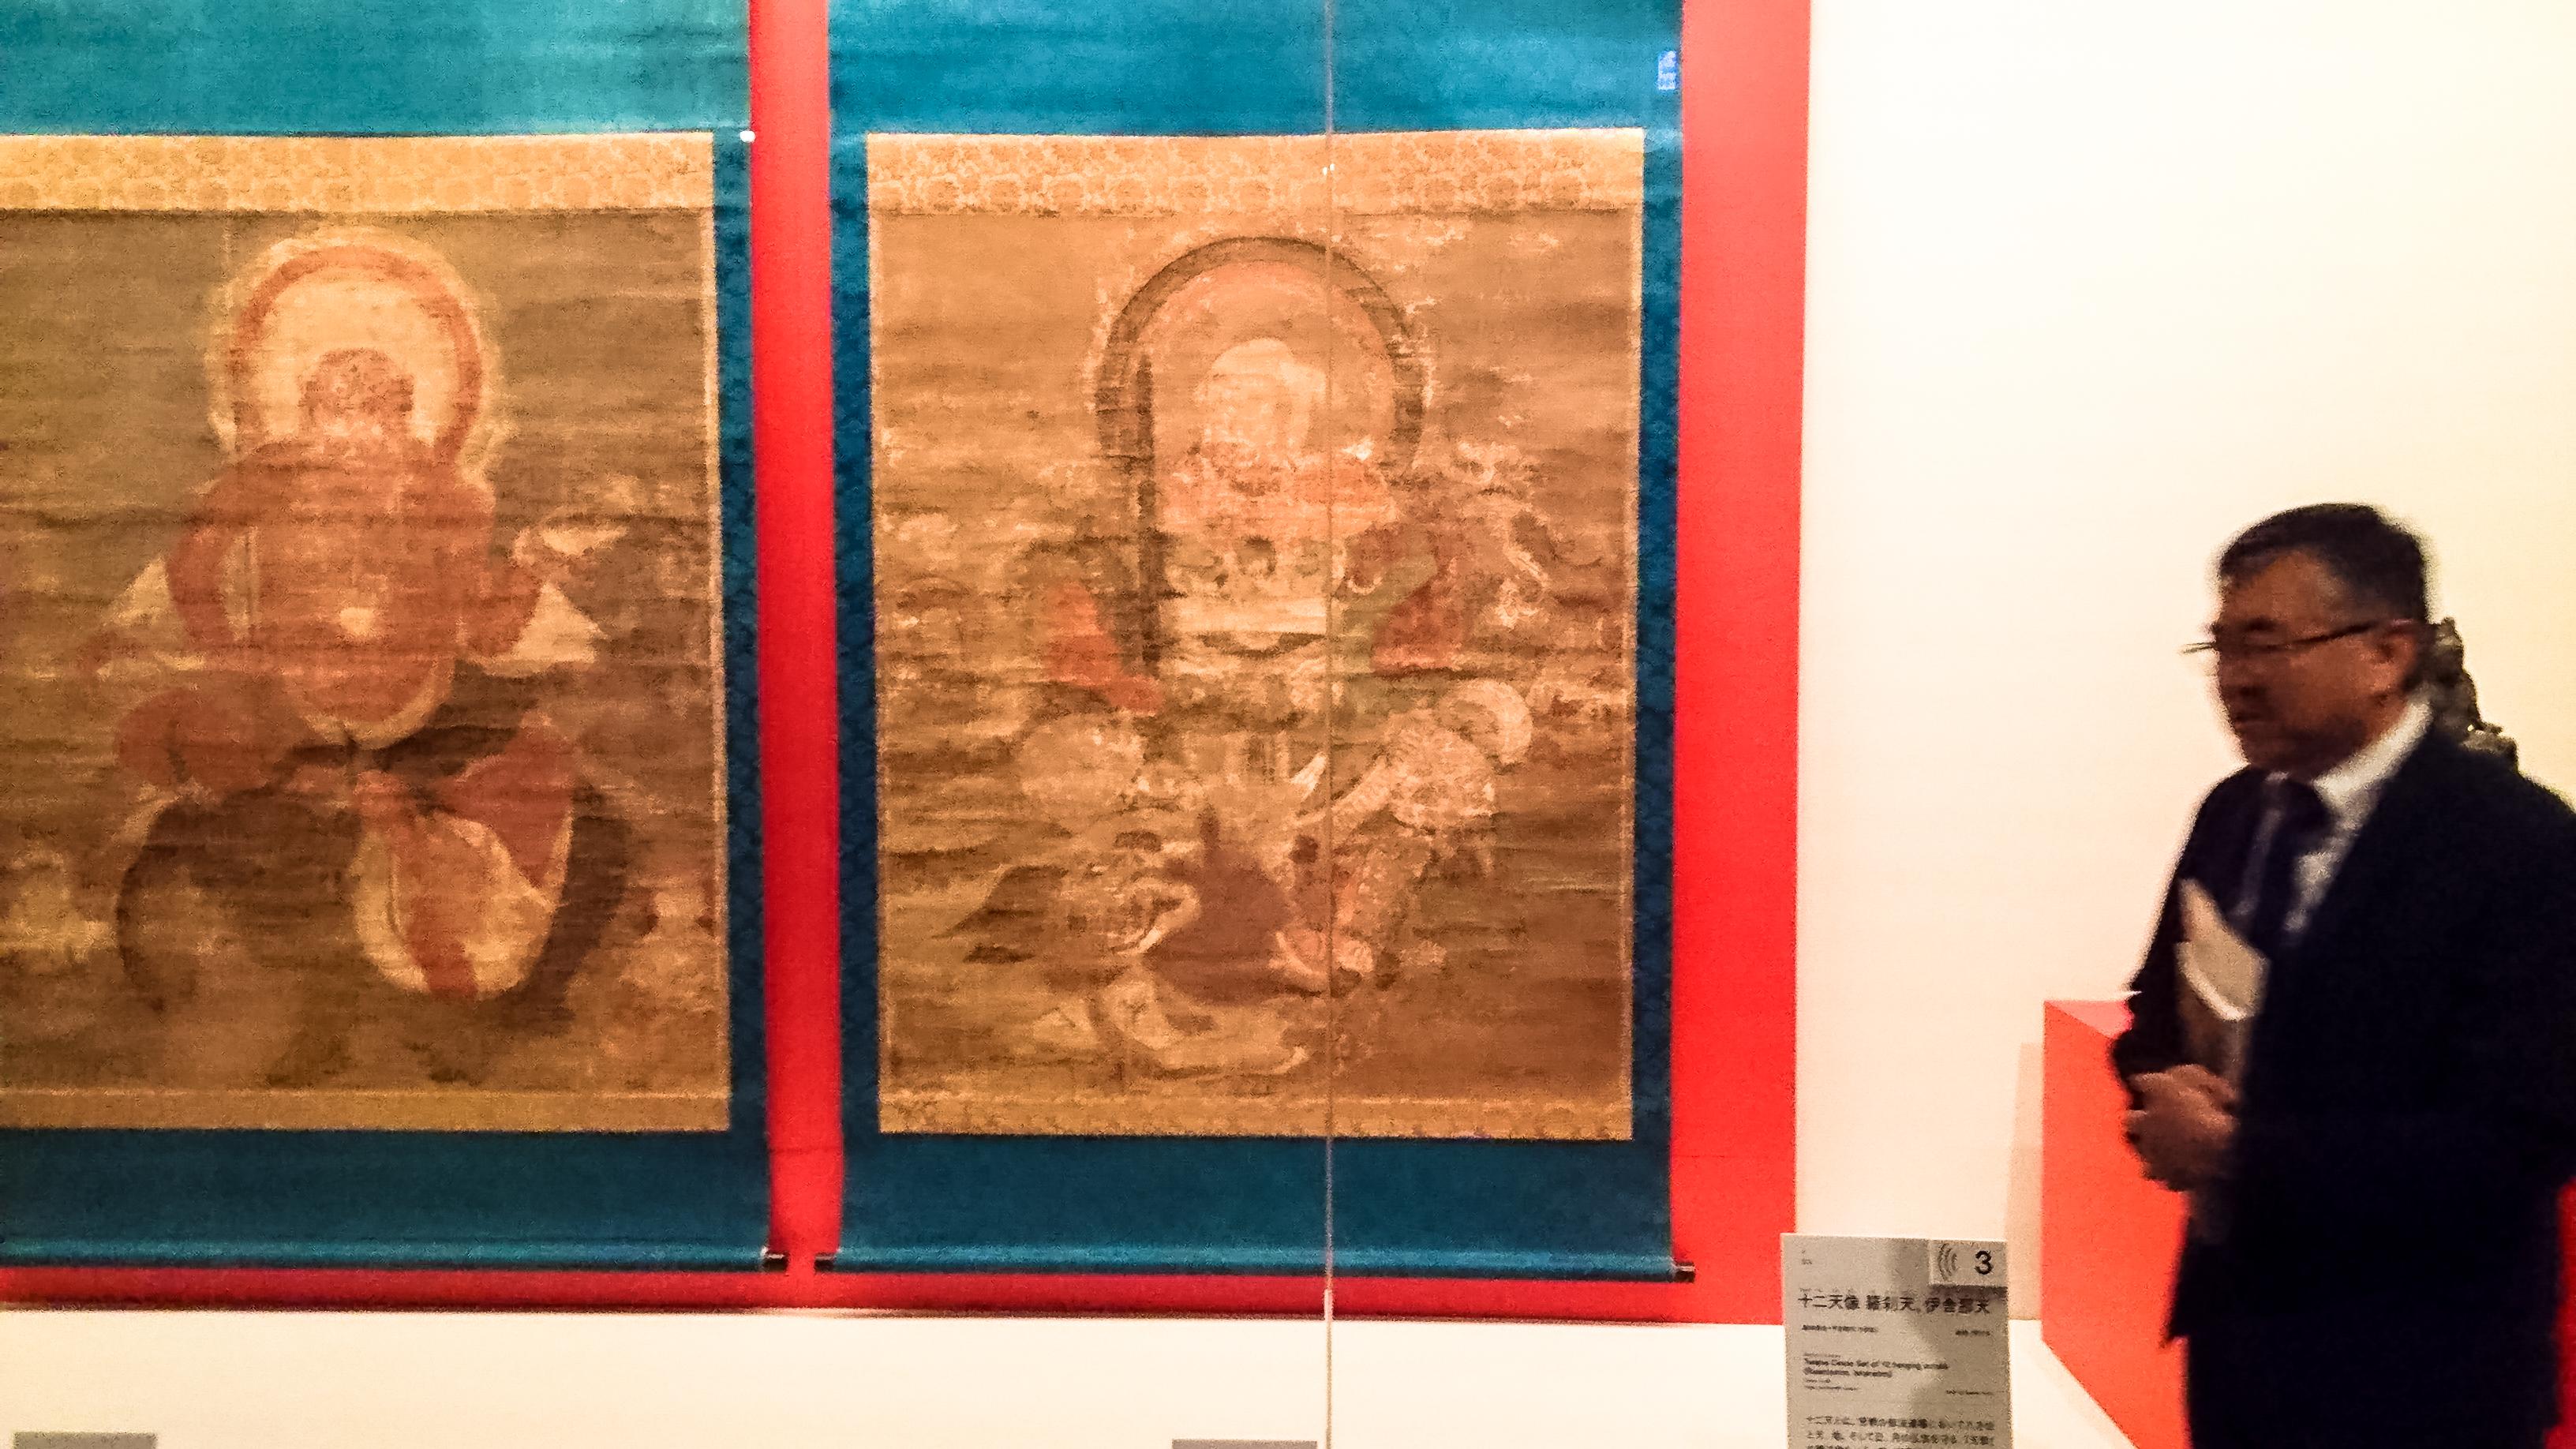 国宝《十二天像》(平安時代、西大寺)。右は展示品説明の米屋優副館長